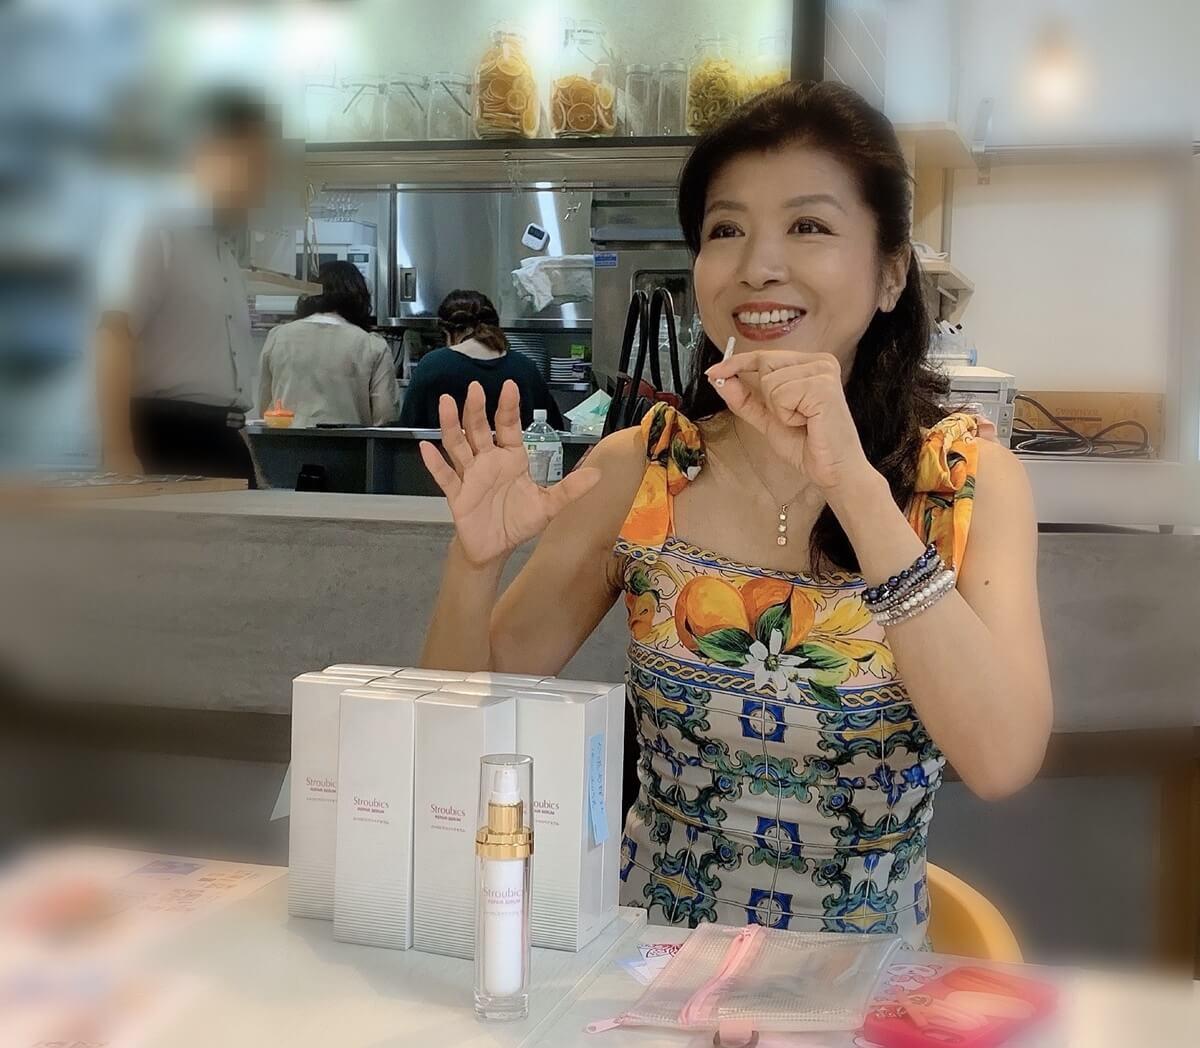 エイジングケアに期待できるヒト幹細胞配合美容液「ストロビクスリペアセラム」